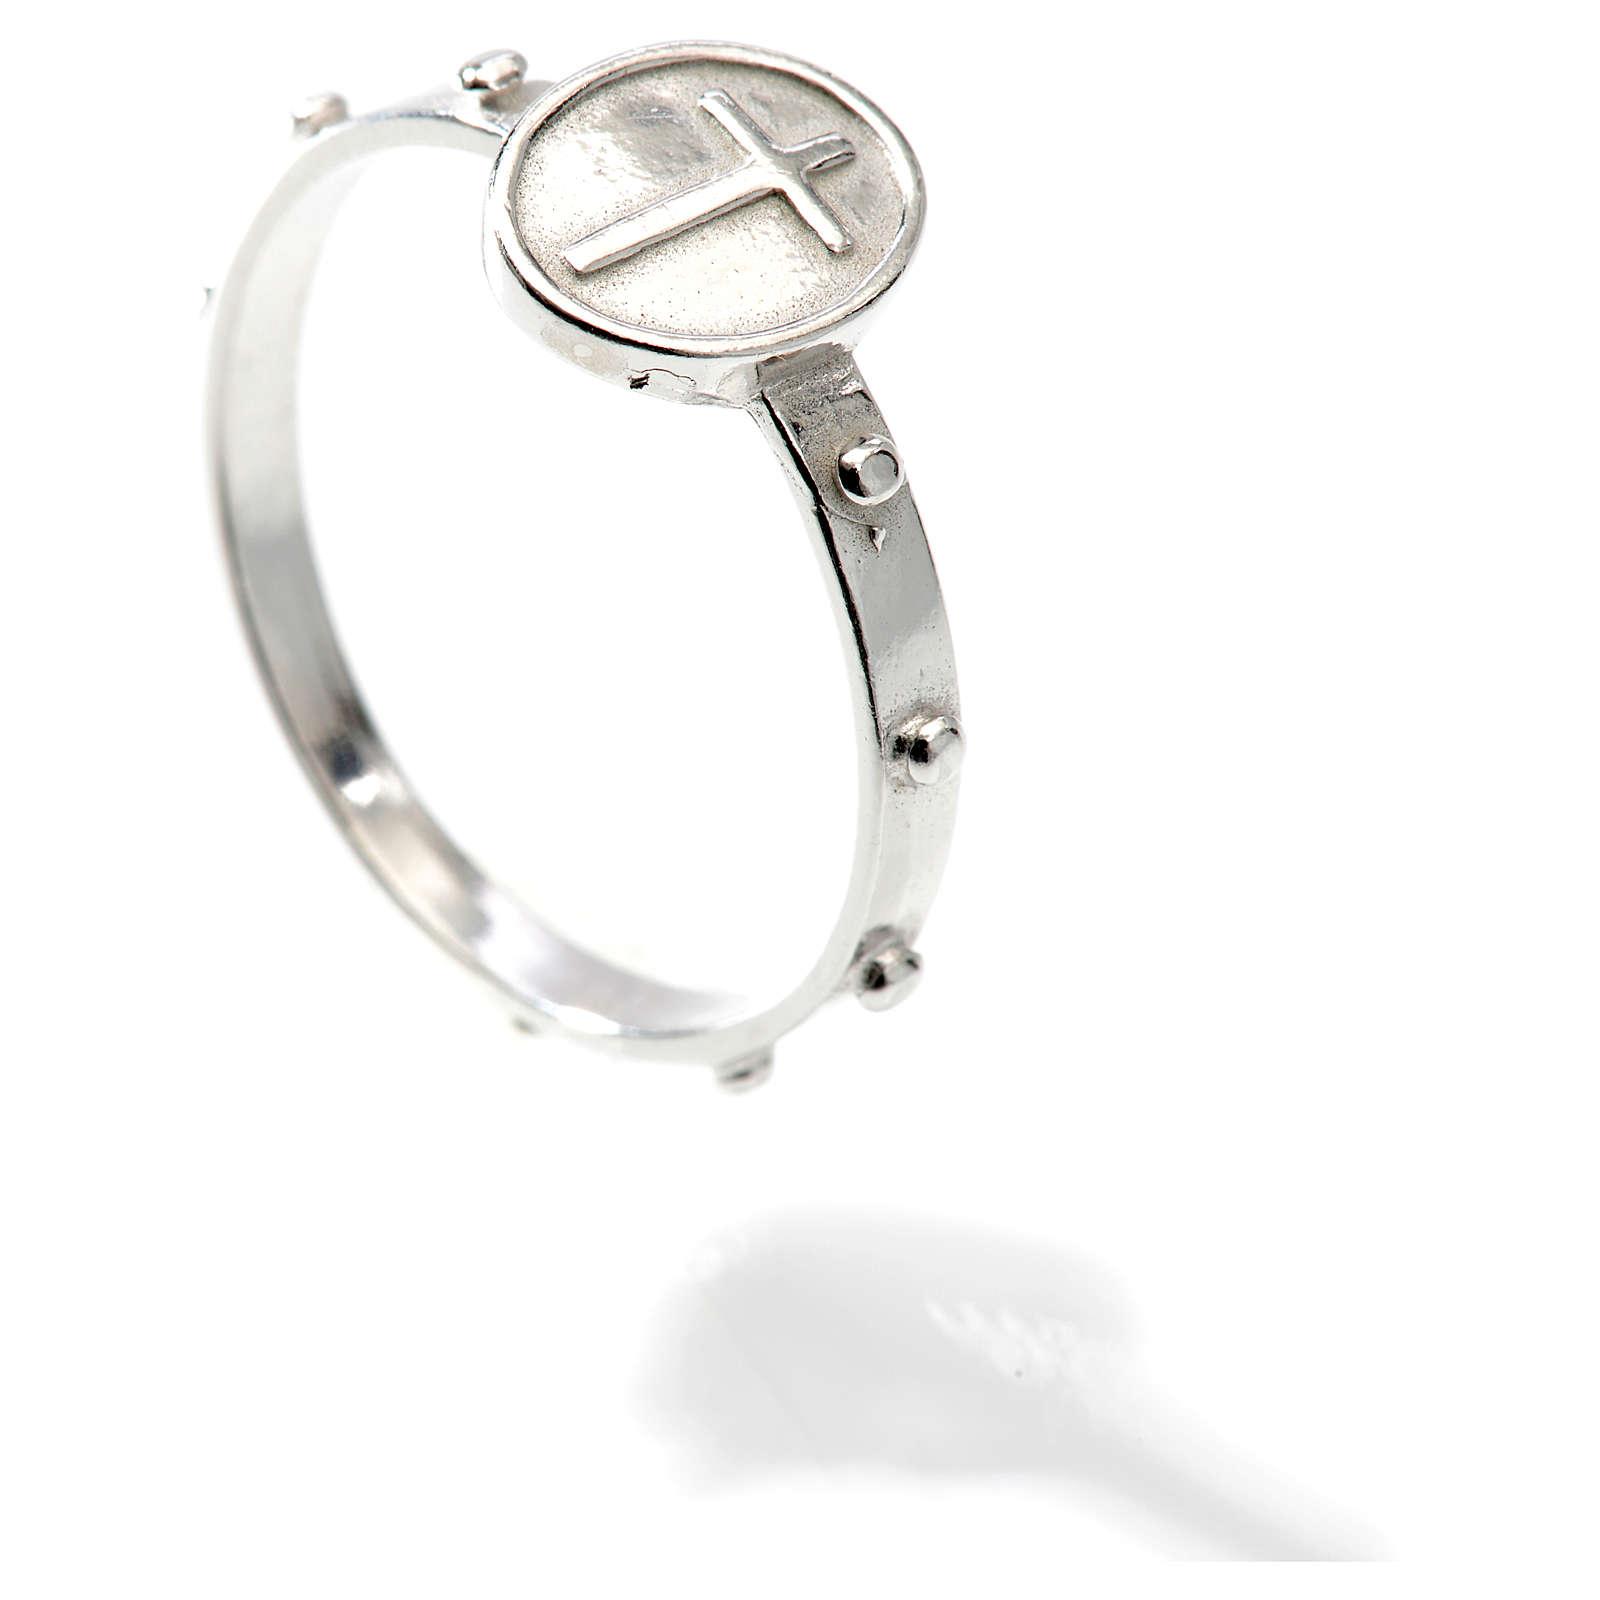 Obrączka dziesiątka różańca srebro 925 3